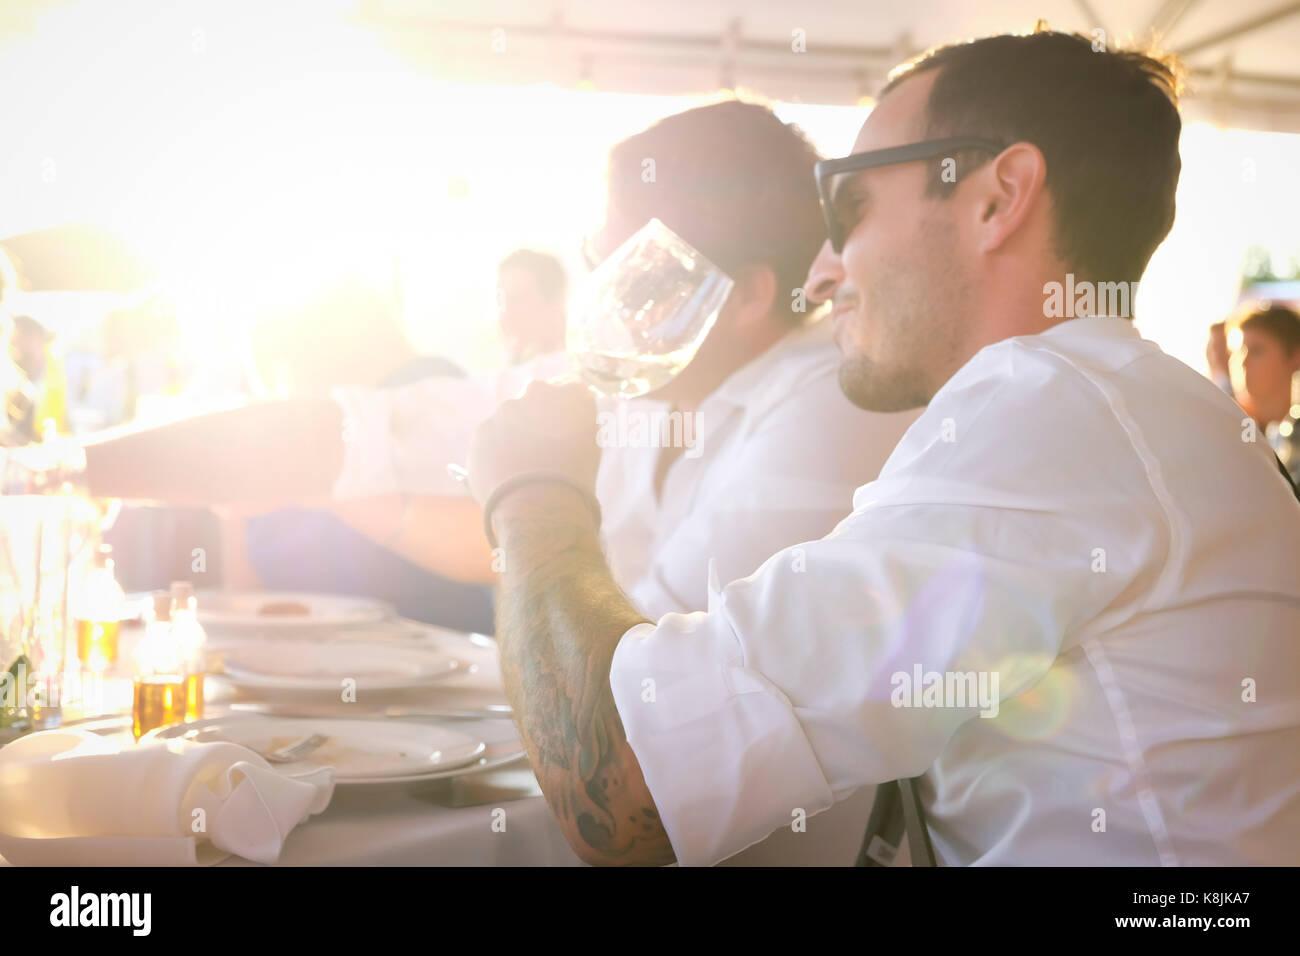 Disparó al aire libre del guapo joven bebiendo vino en una fiesta de verano con un amigo Imagen De Stock